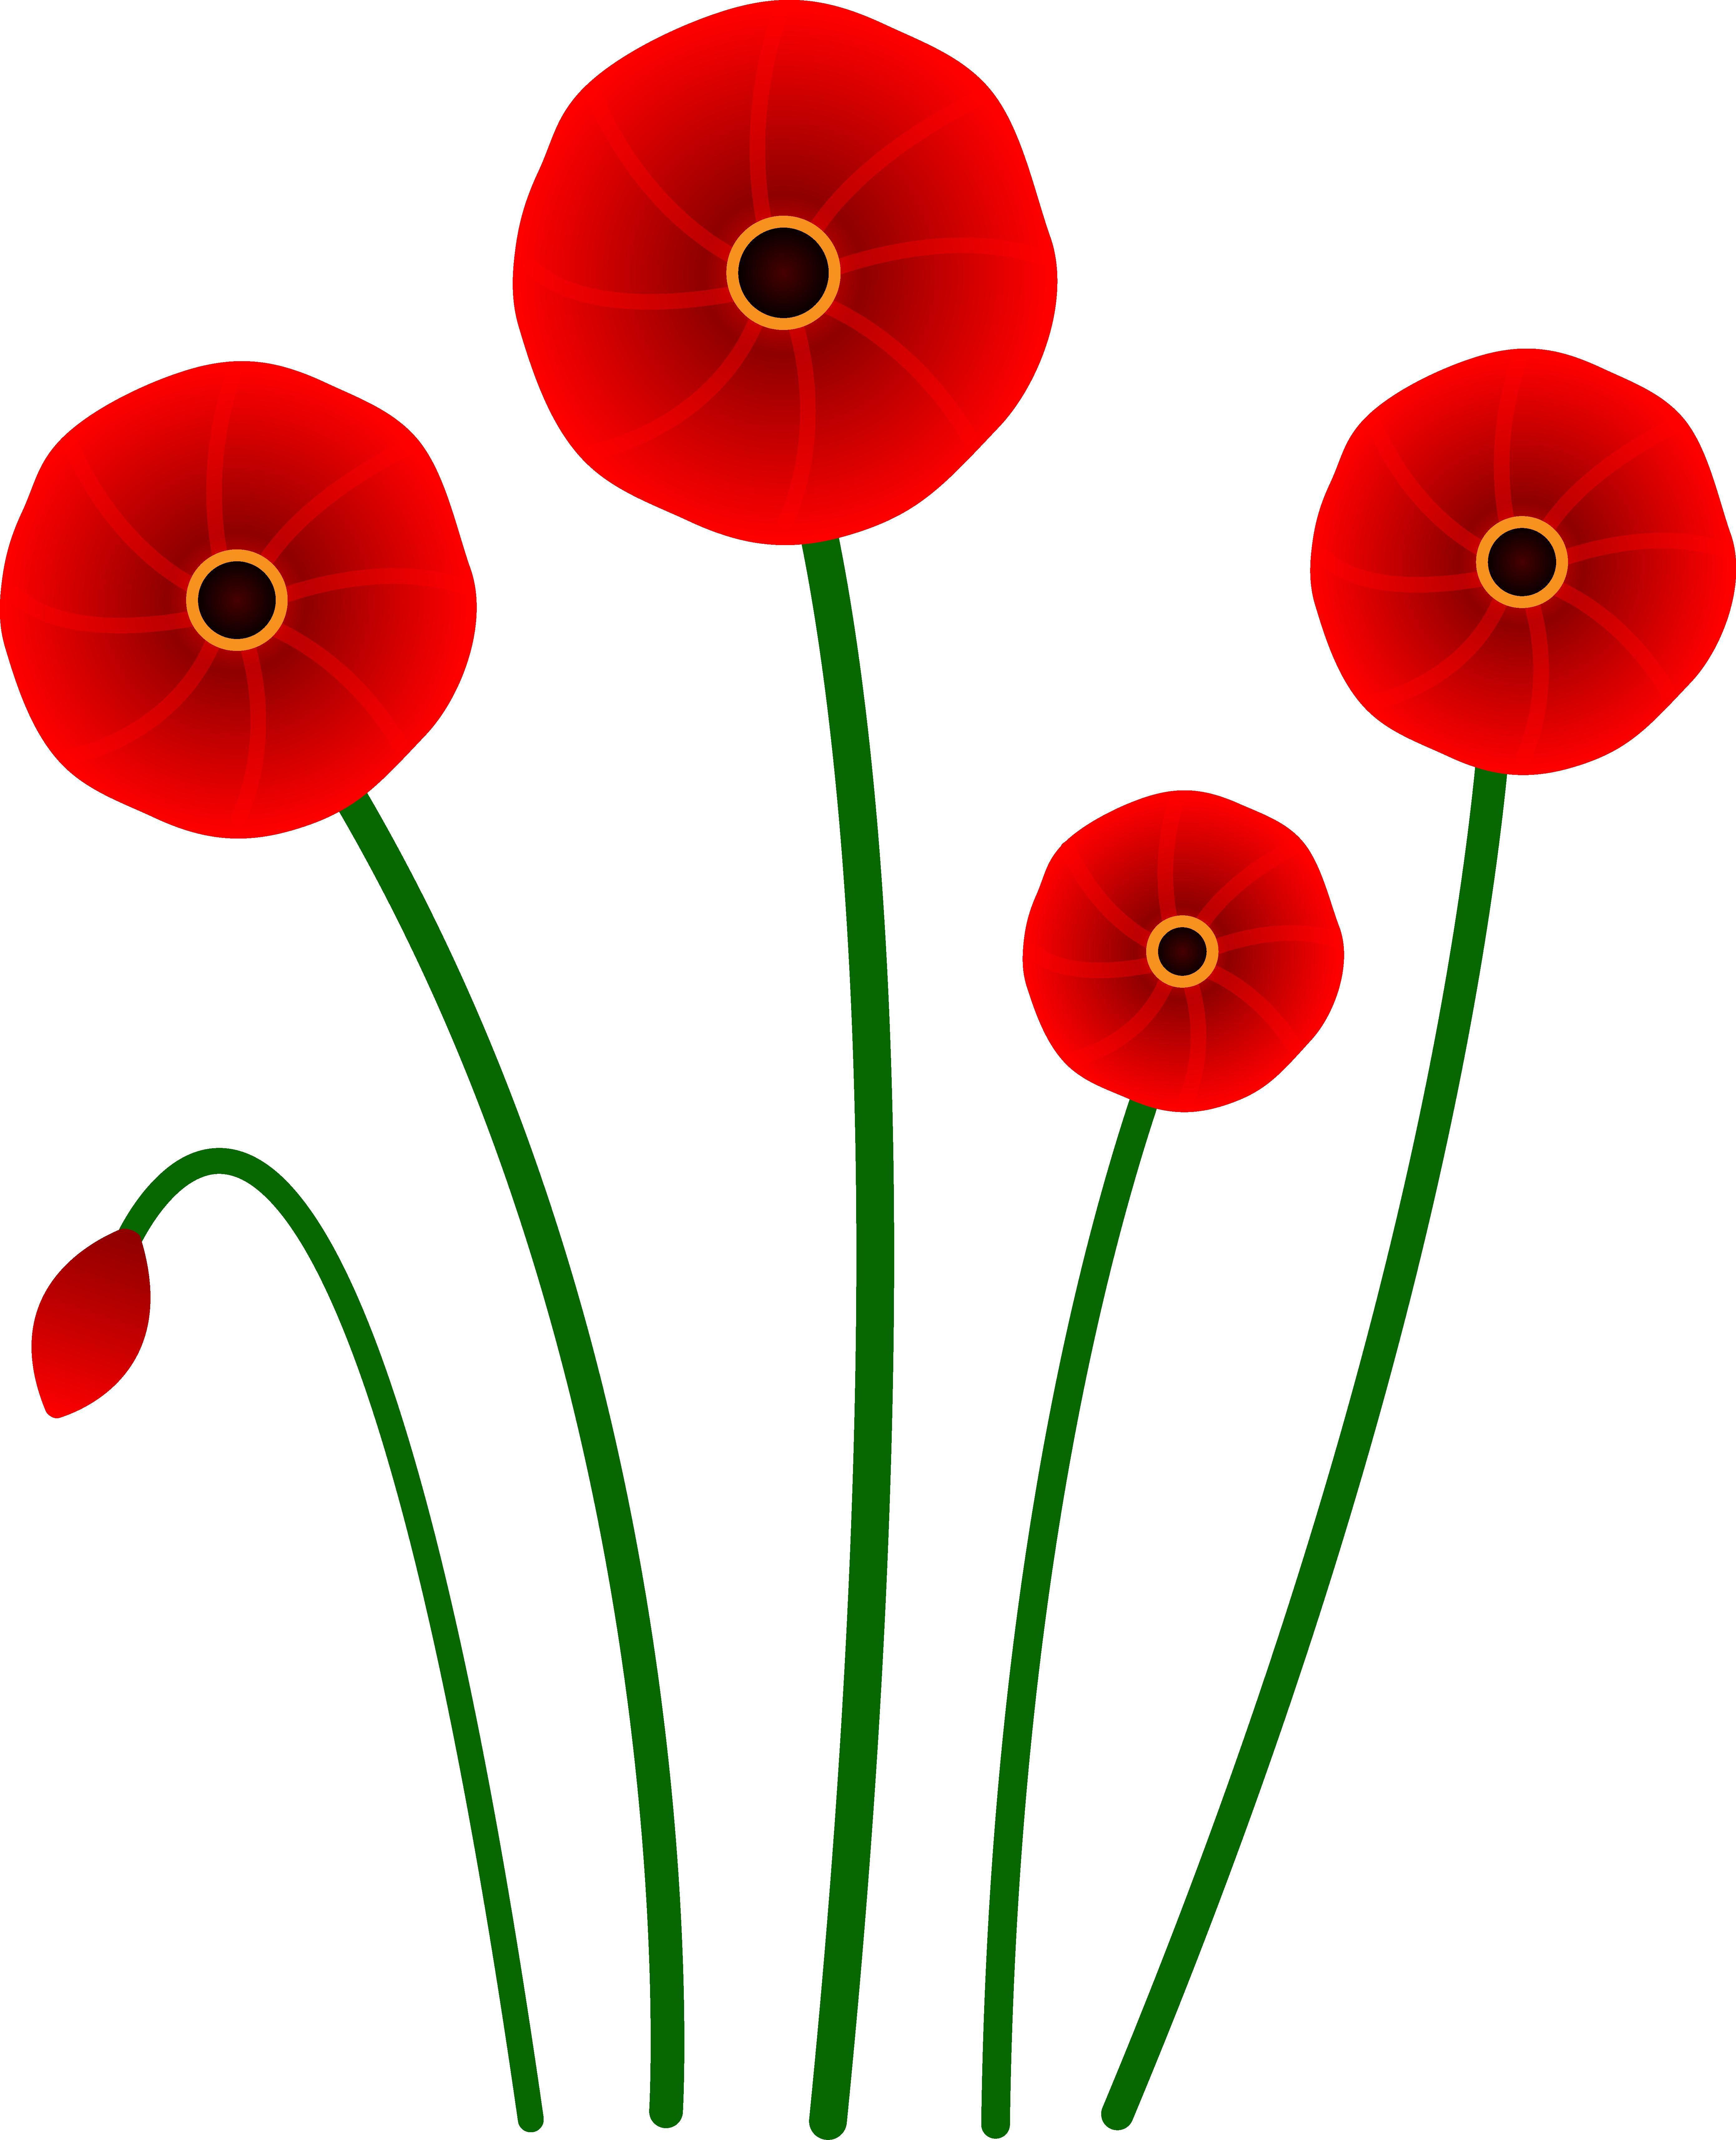 5560x6855 Red Poppy Flowers